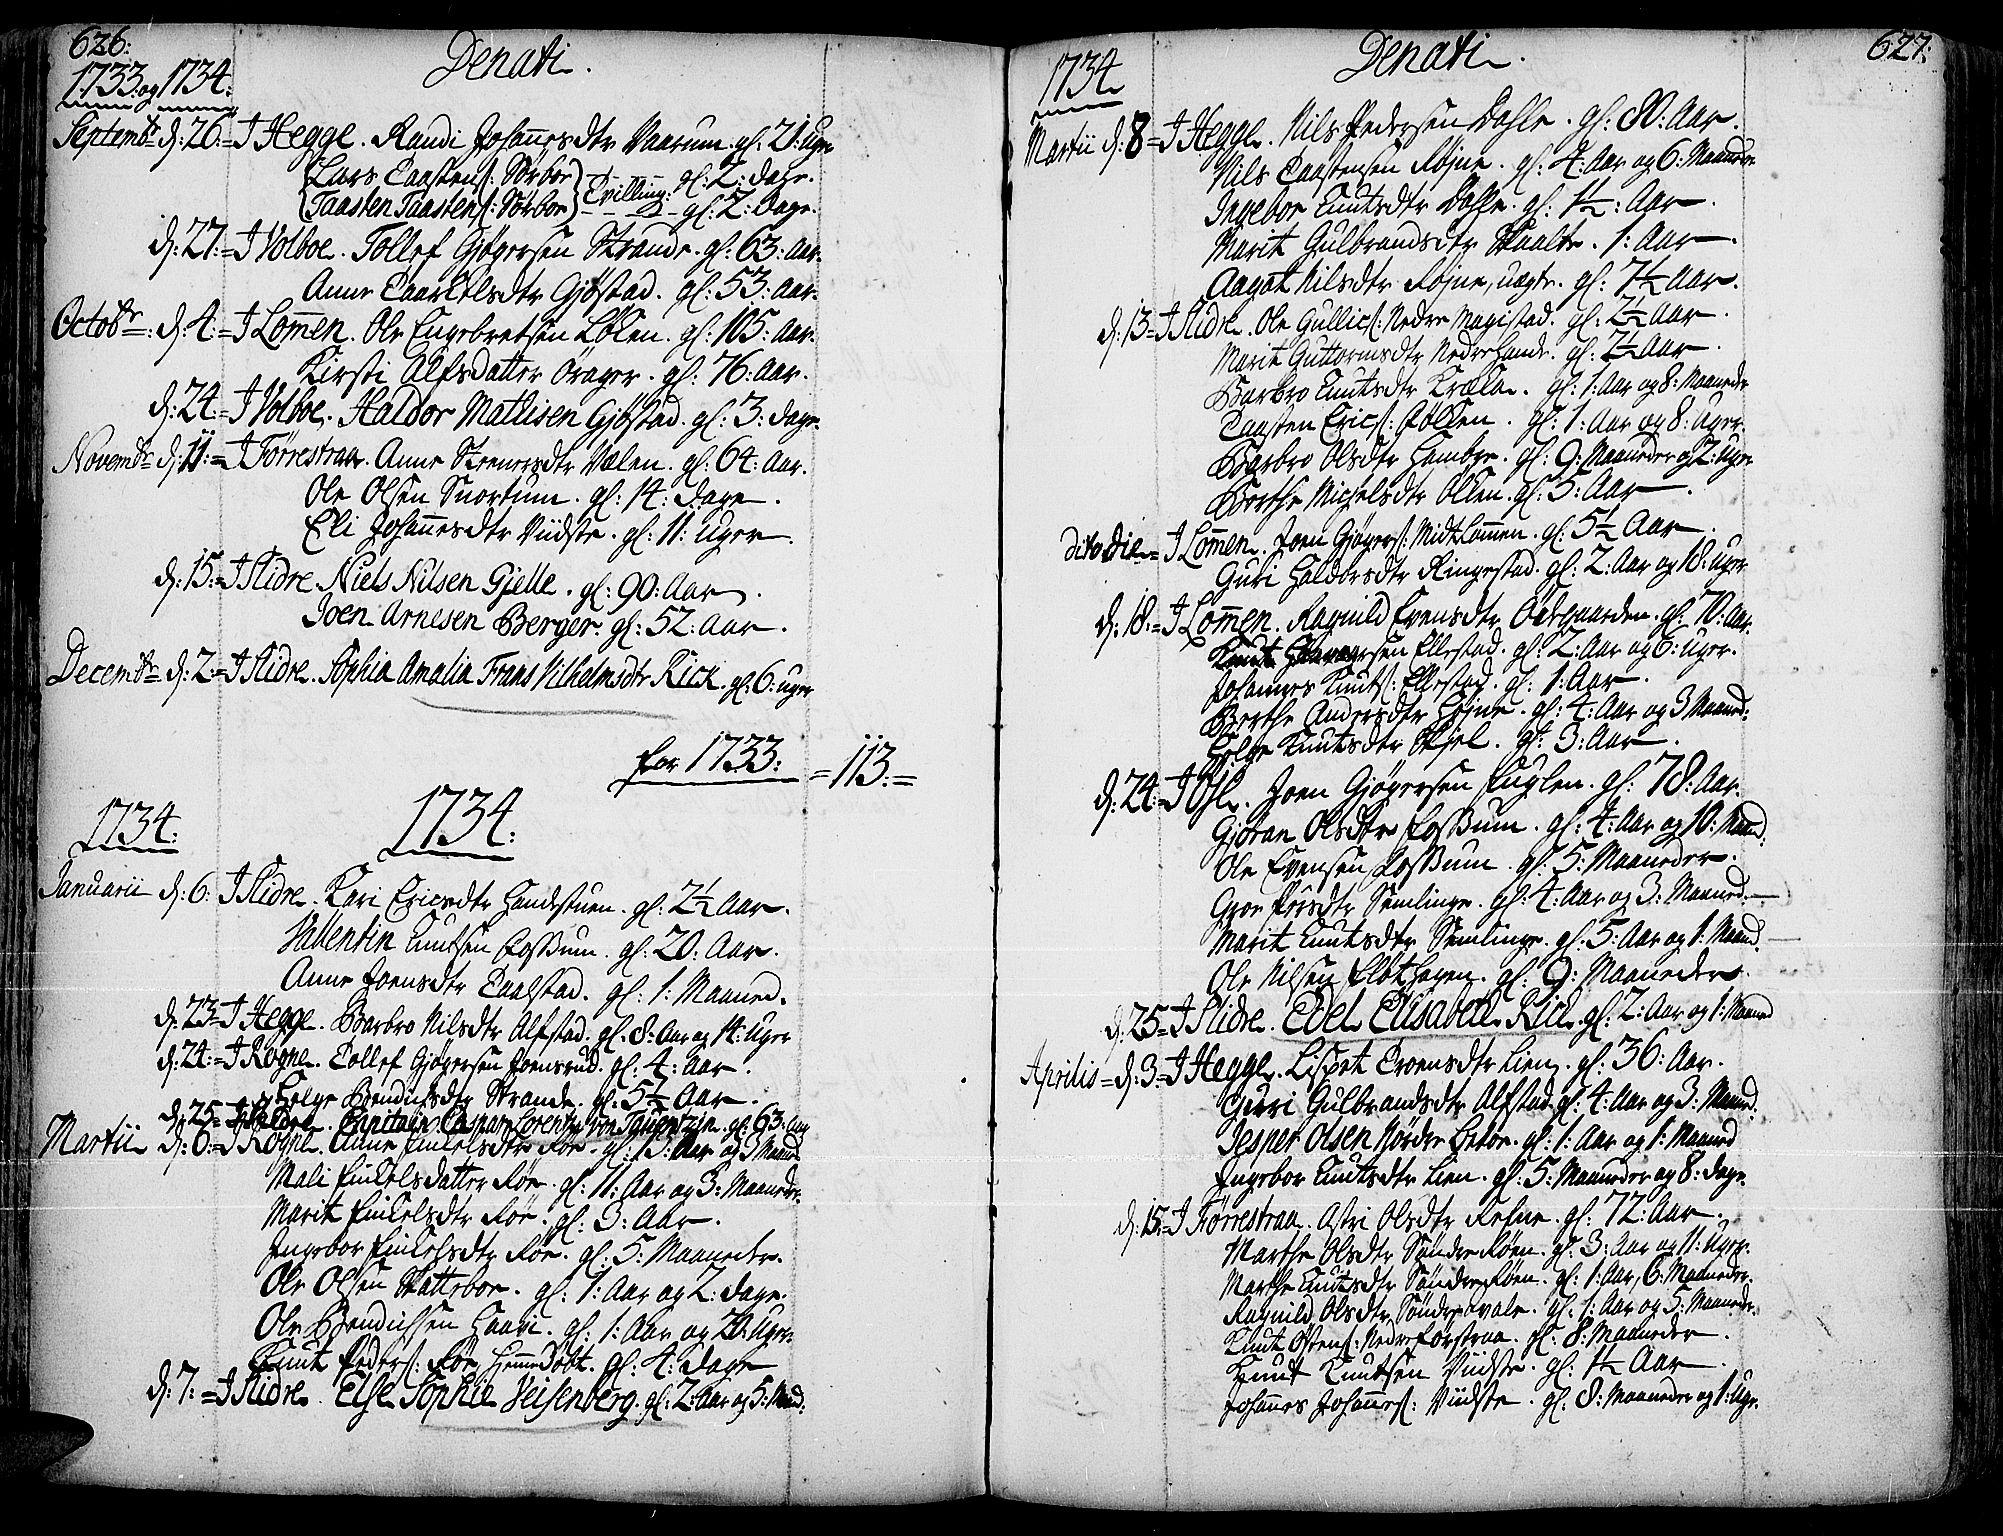 SAH, Slidre prestekontor, Ministerialbok nr. 1, 1724-1814, s. 626-627